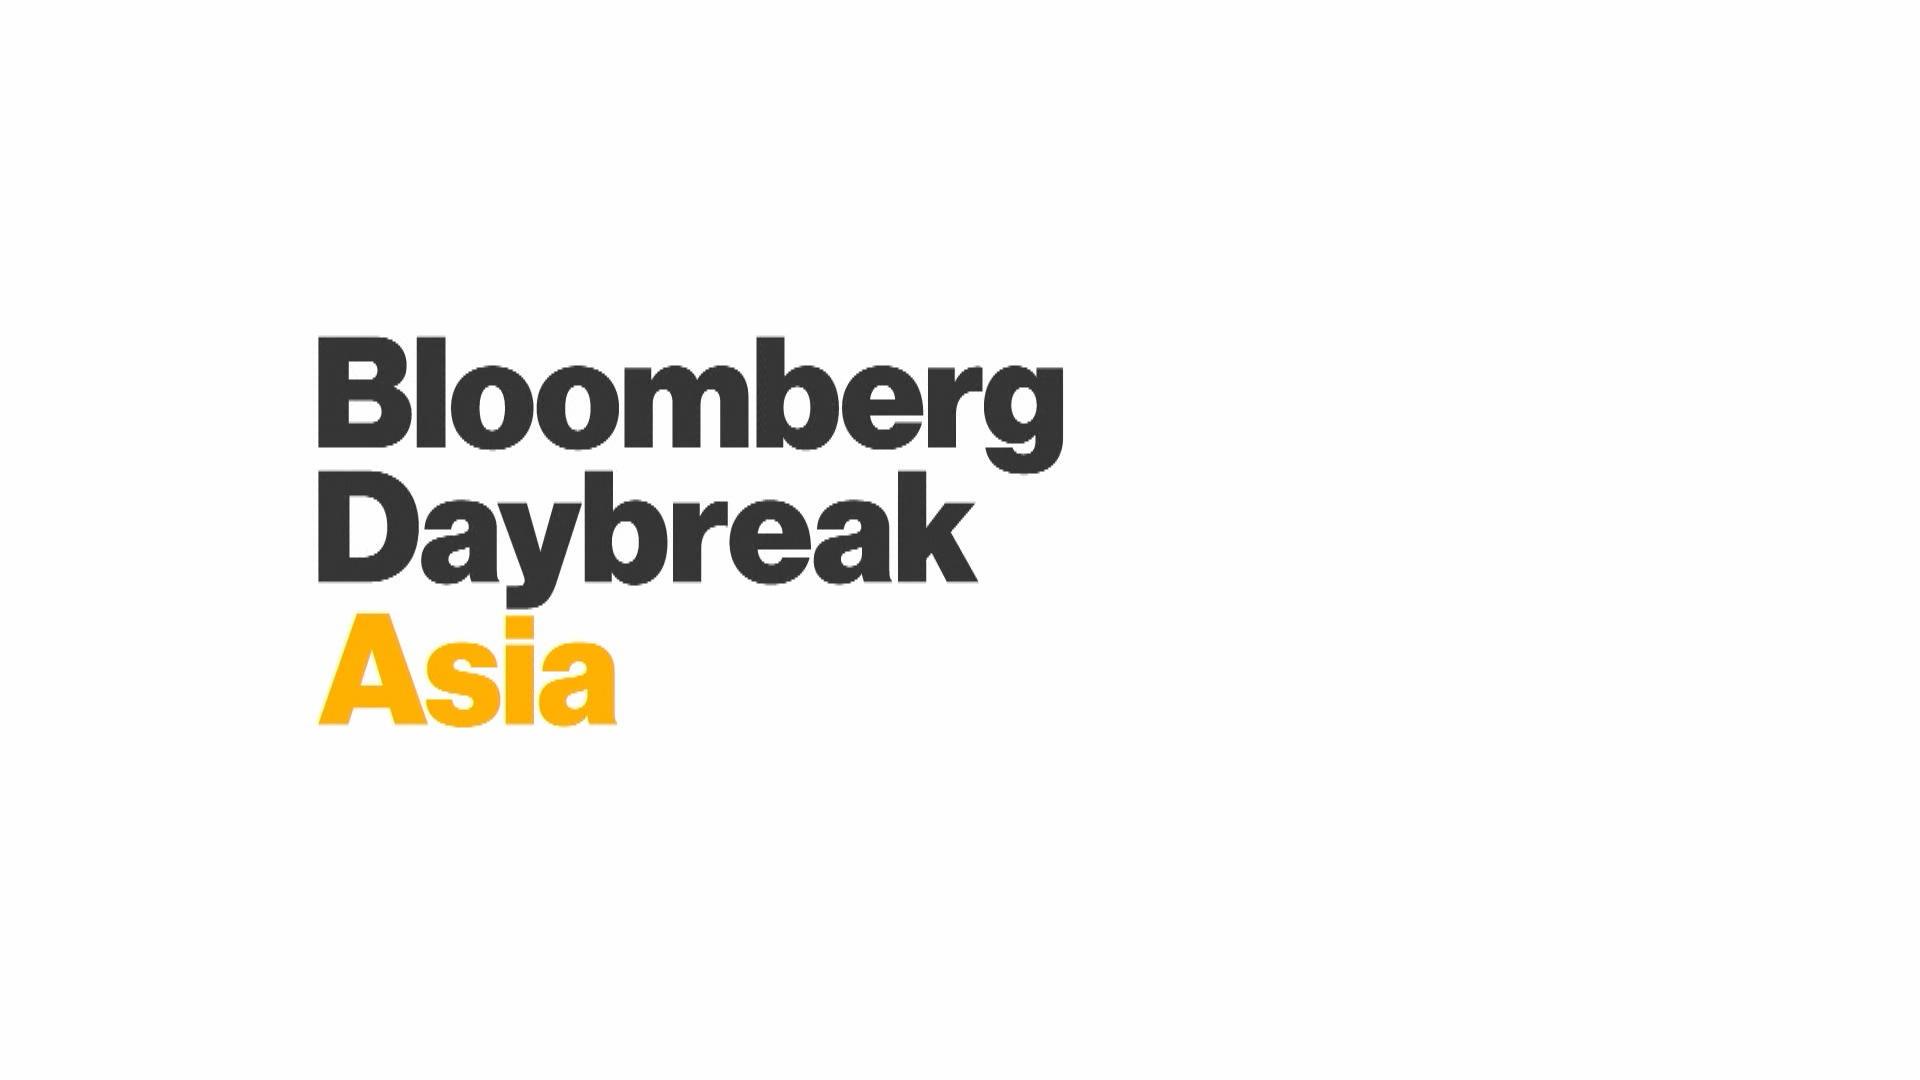 Bloomberg Daybreak: Asia - Full Show (07/23/2019)) - Bloomberg